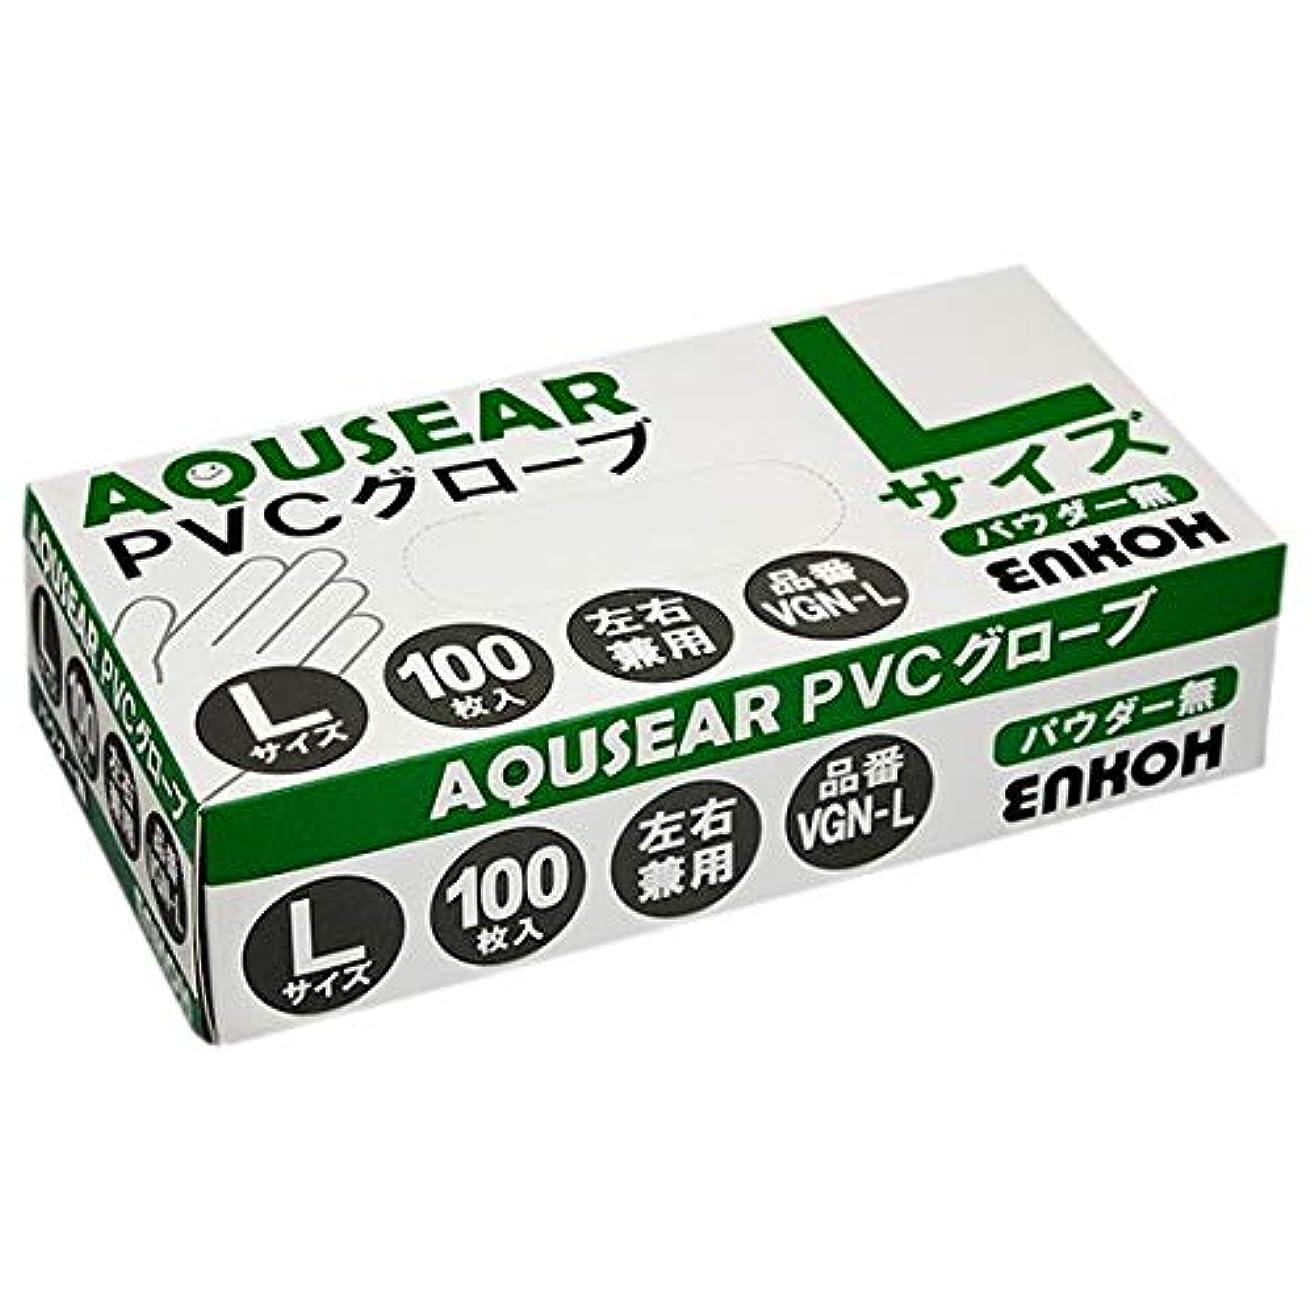 権限を与える守る一月AQUSEAR PVC プラスチックグローブ Lサイズ パウダー無 VGN-L 100枚×20箱